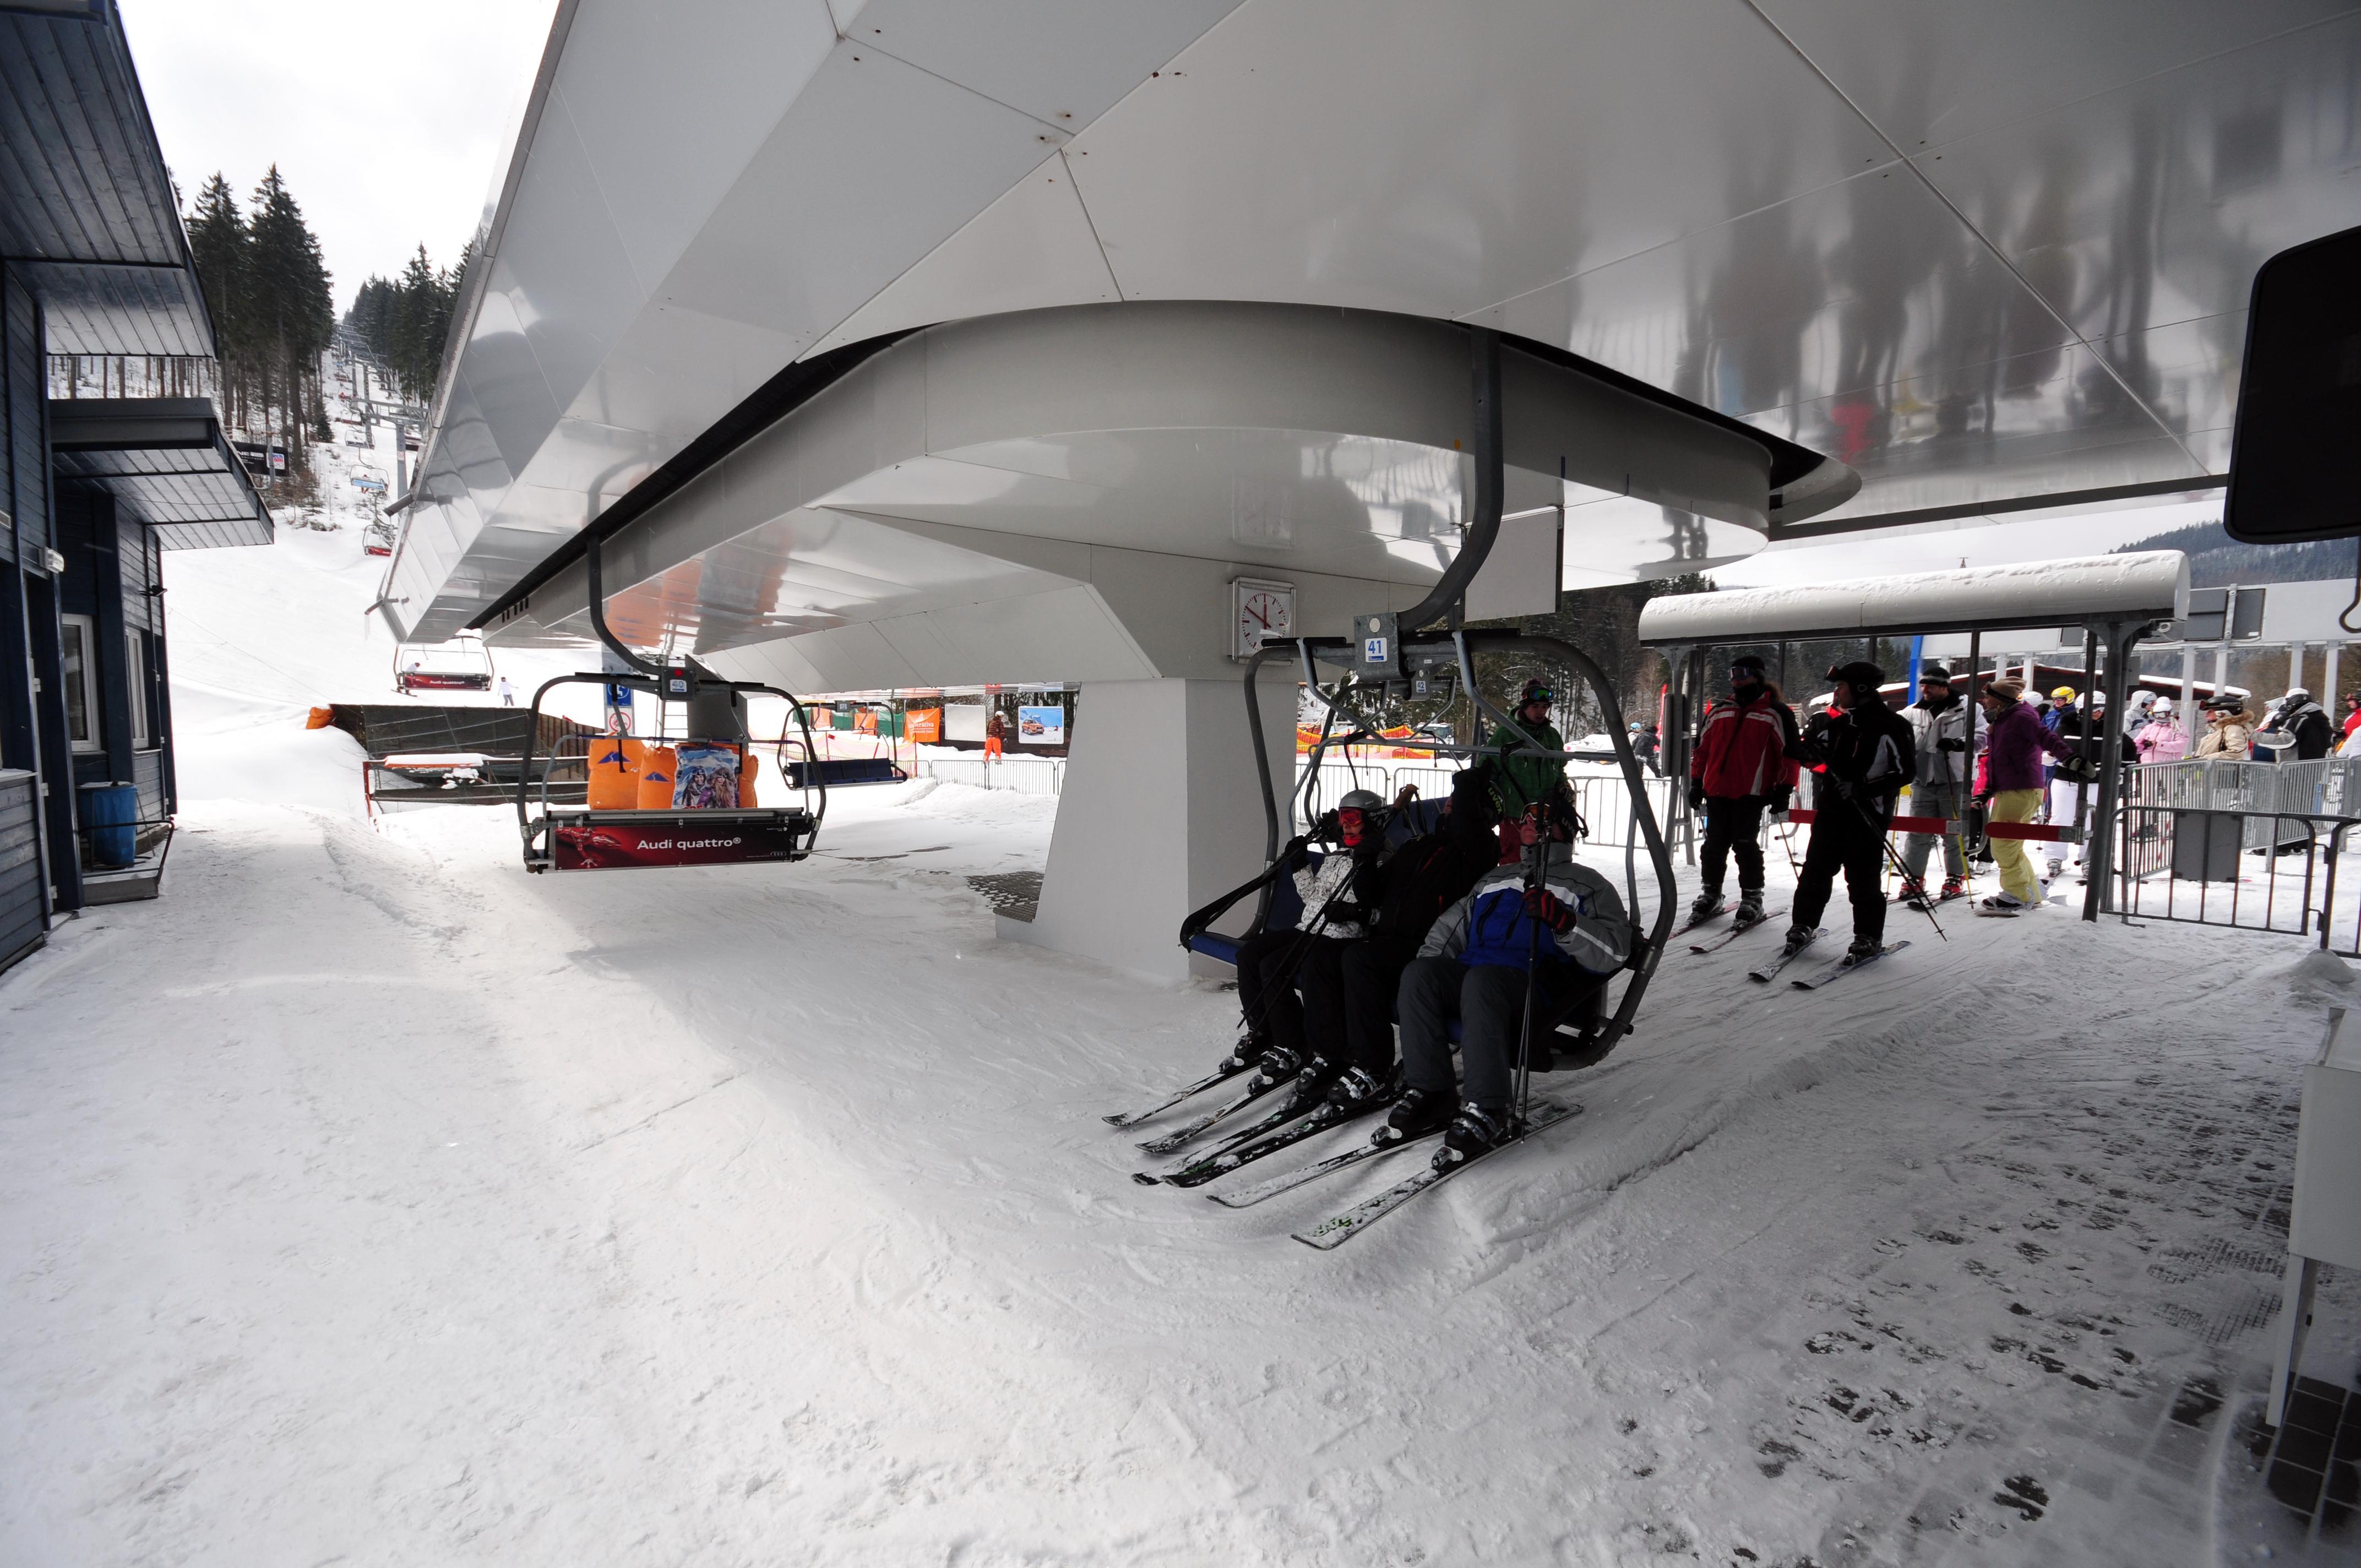 Remontée mécanique dans une station de ski.